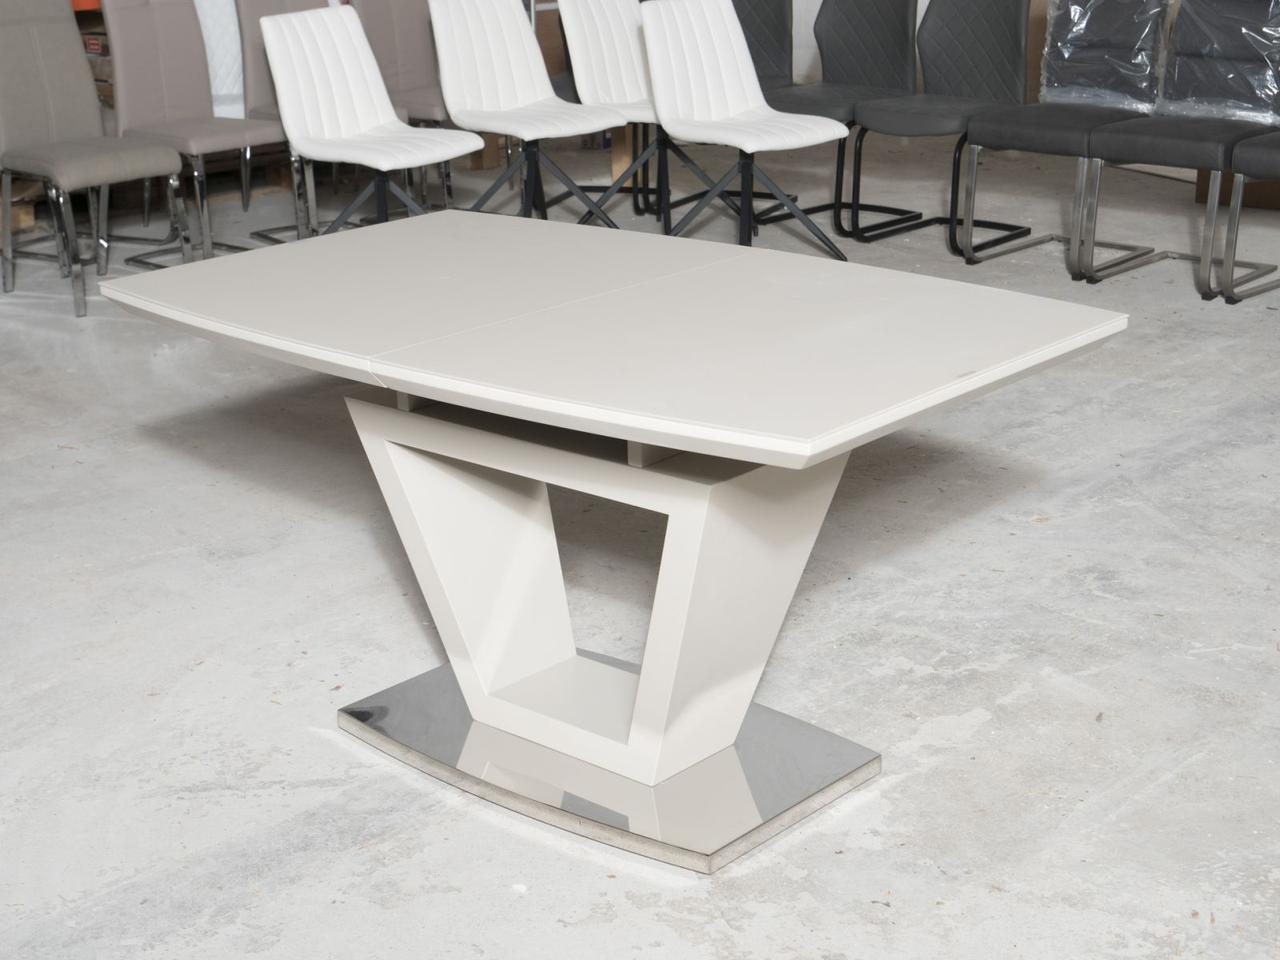 Стол  обеденный современный Seattle  (Сиэтл) DT-9801   Евродом, цвет мокко